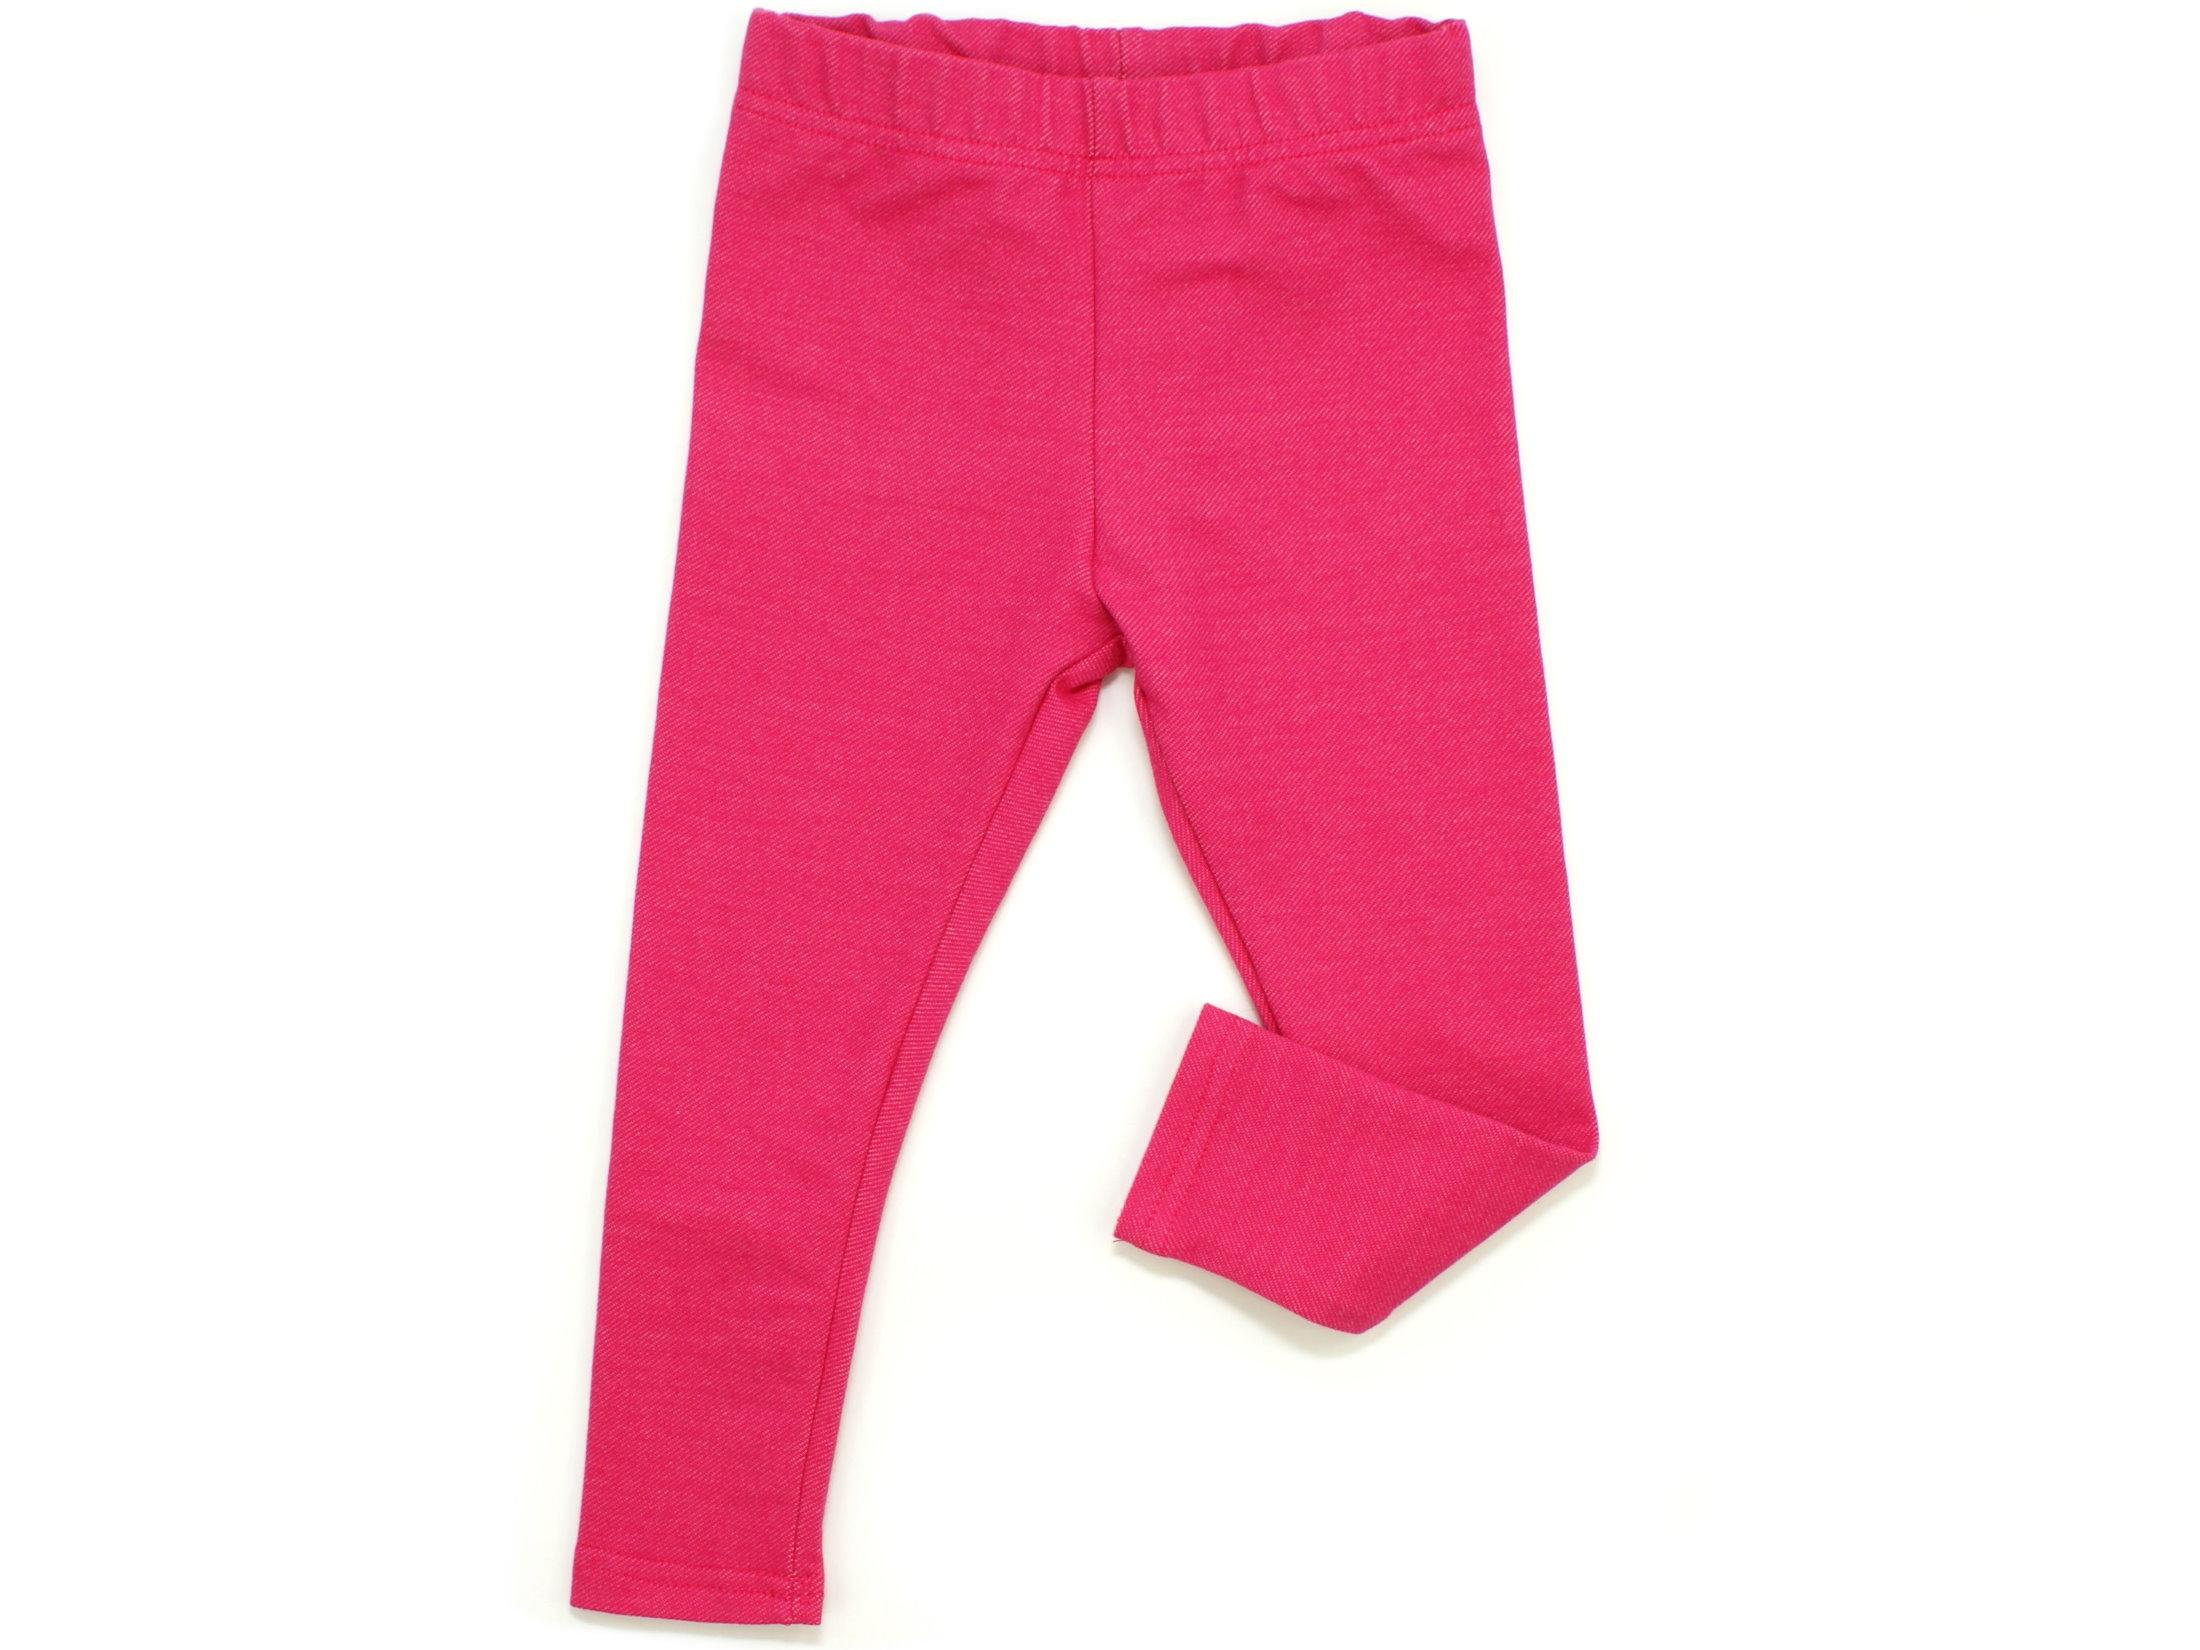 Kinder Leggings Jeansjersy pink